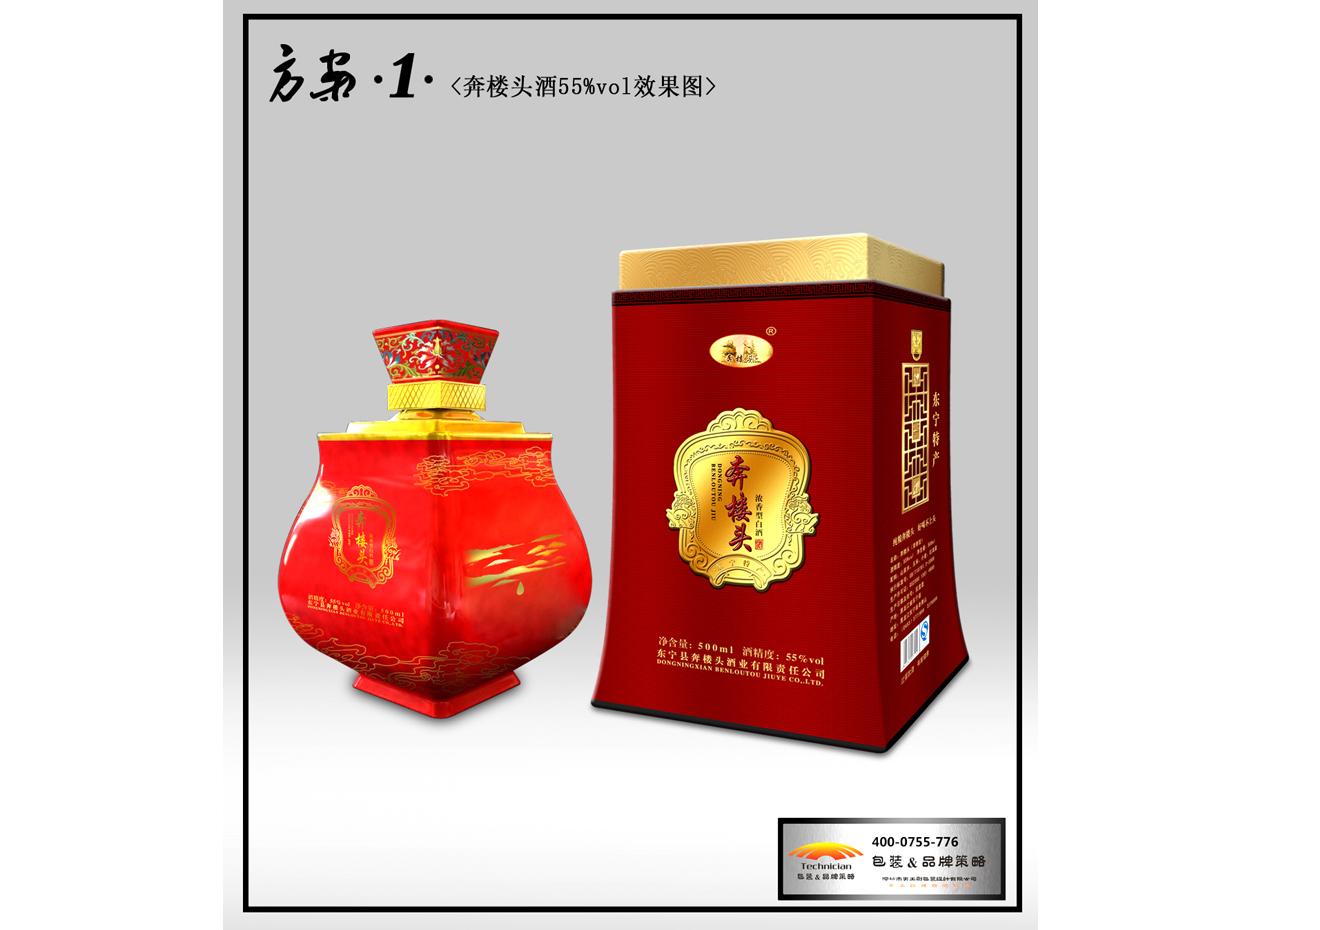 深圳白酒包装设计_创意设计-b2b网站免费采购